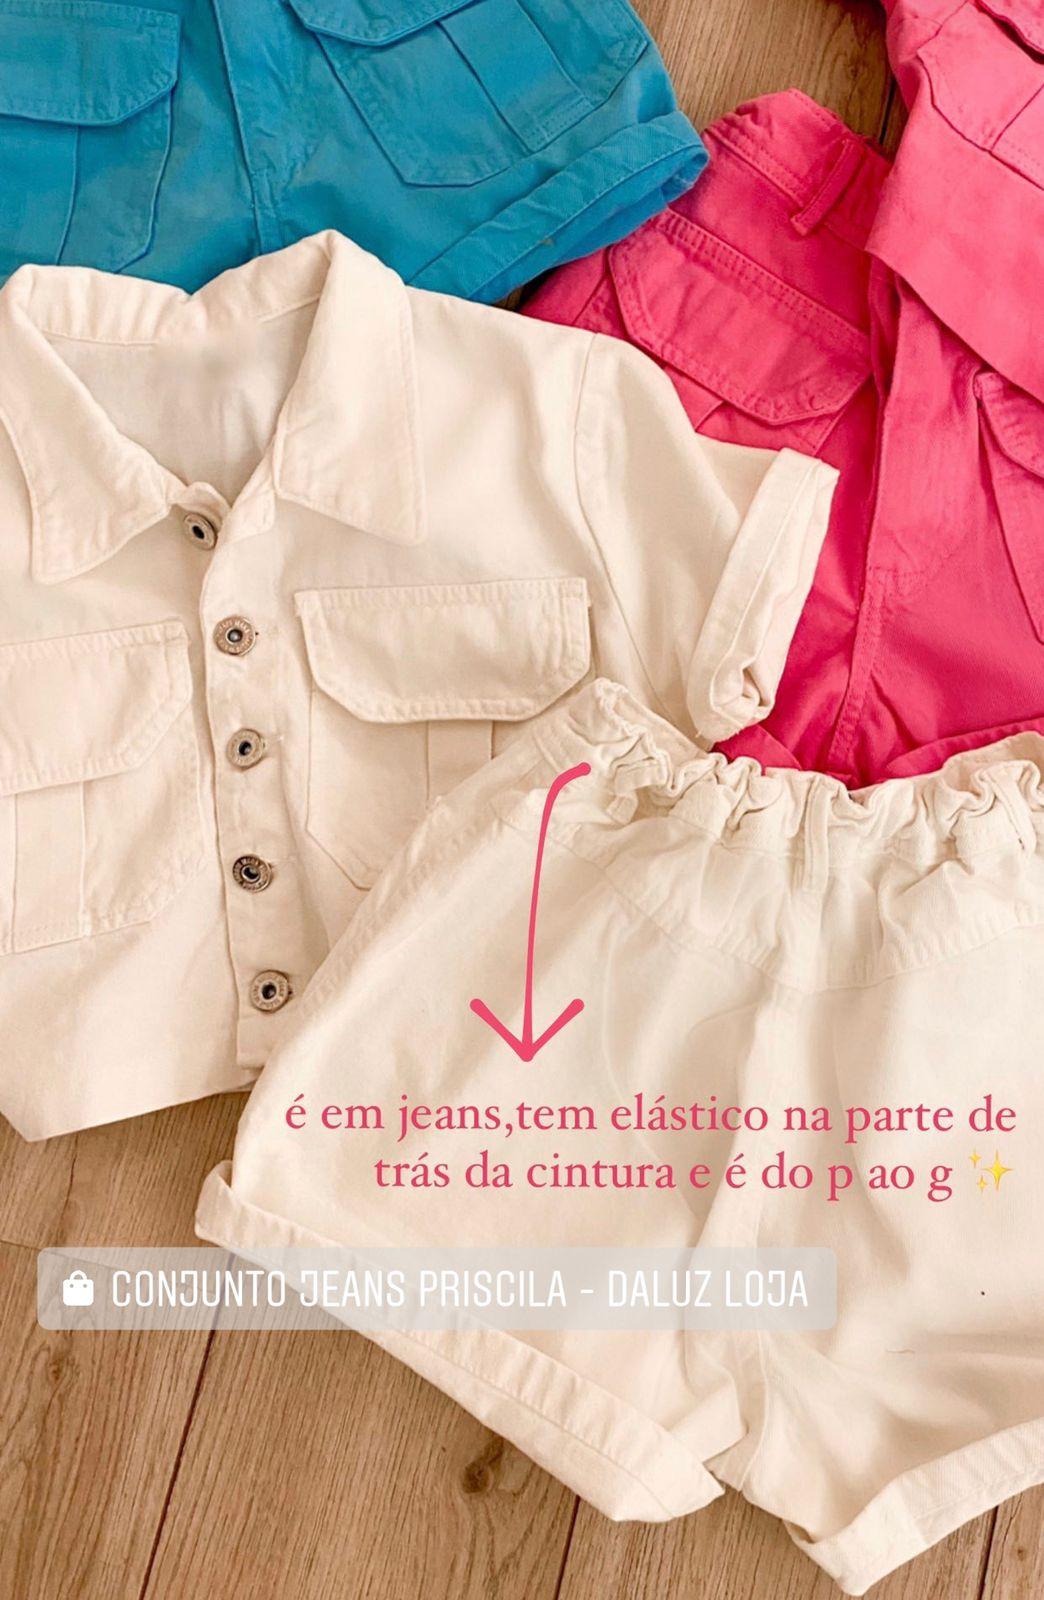 Conjunto Jeans Priscila